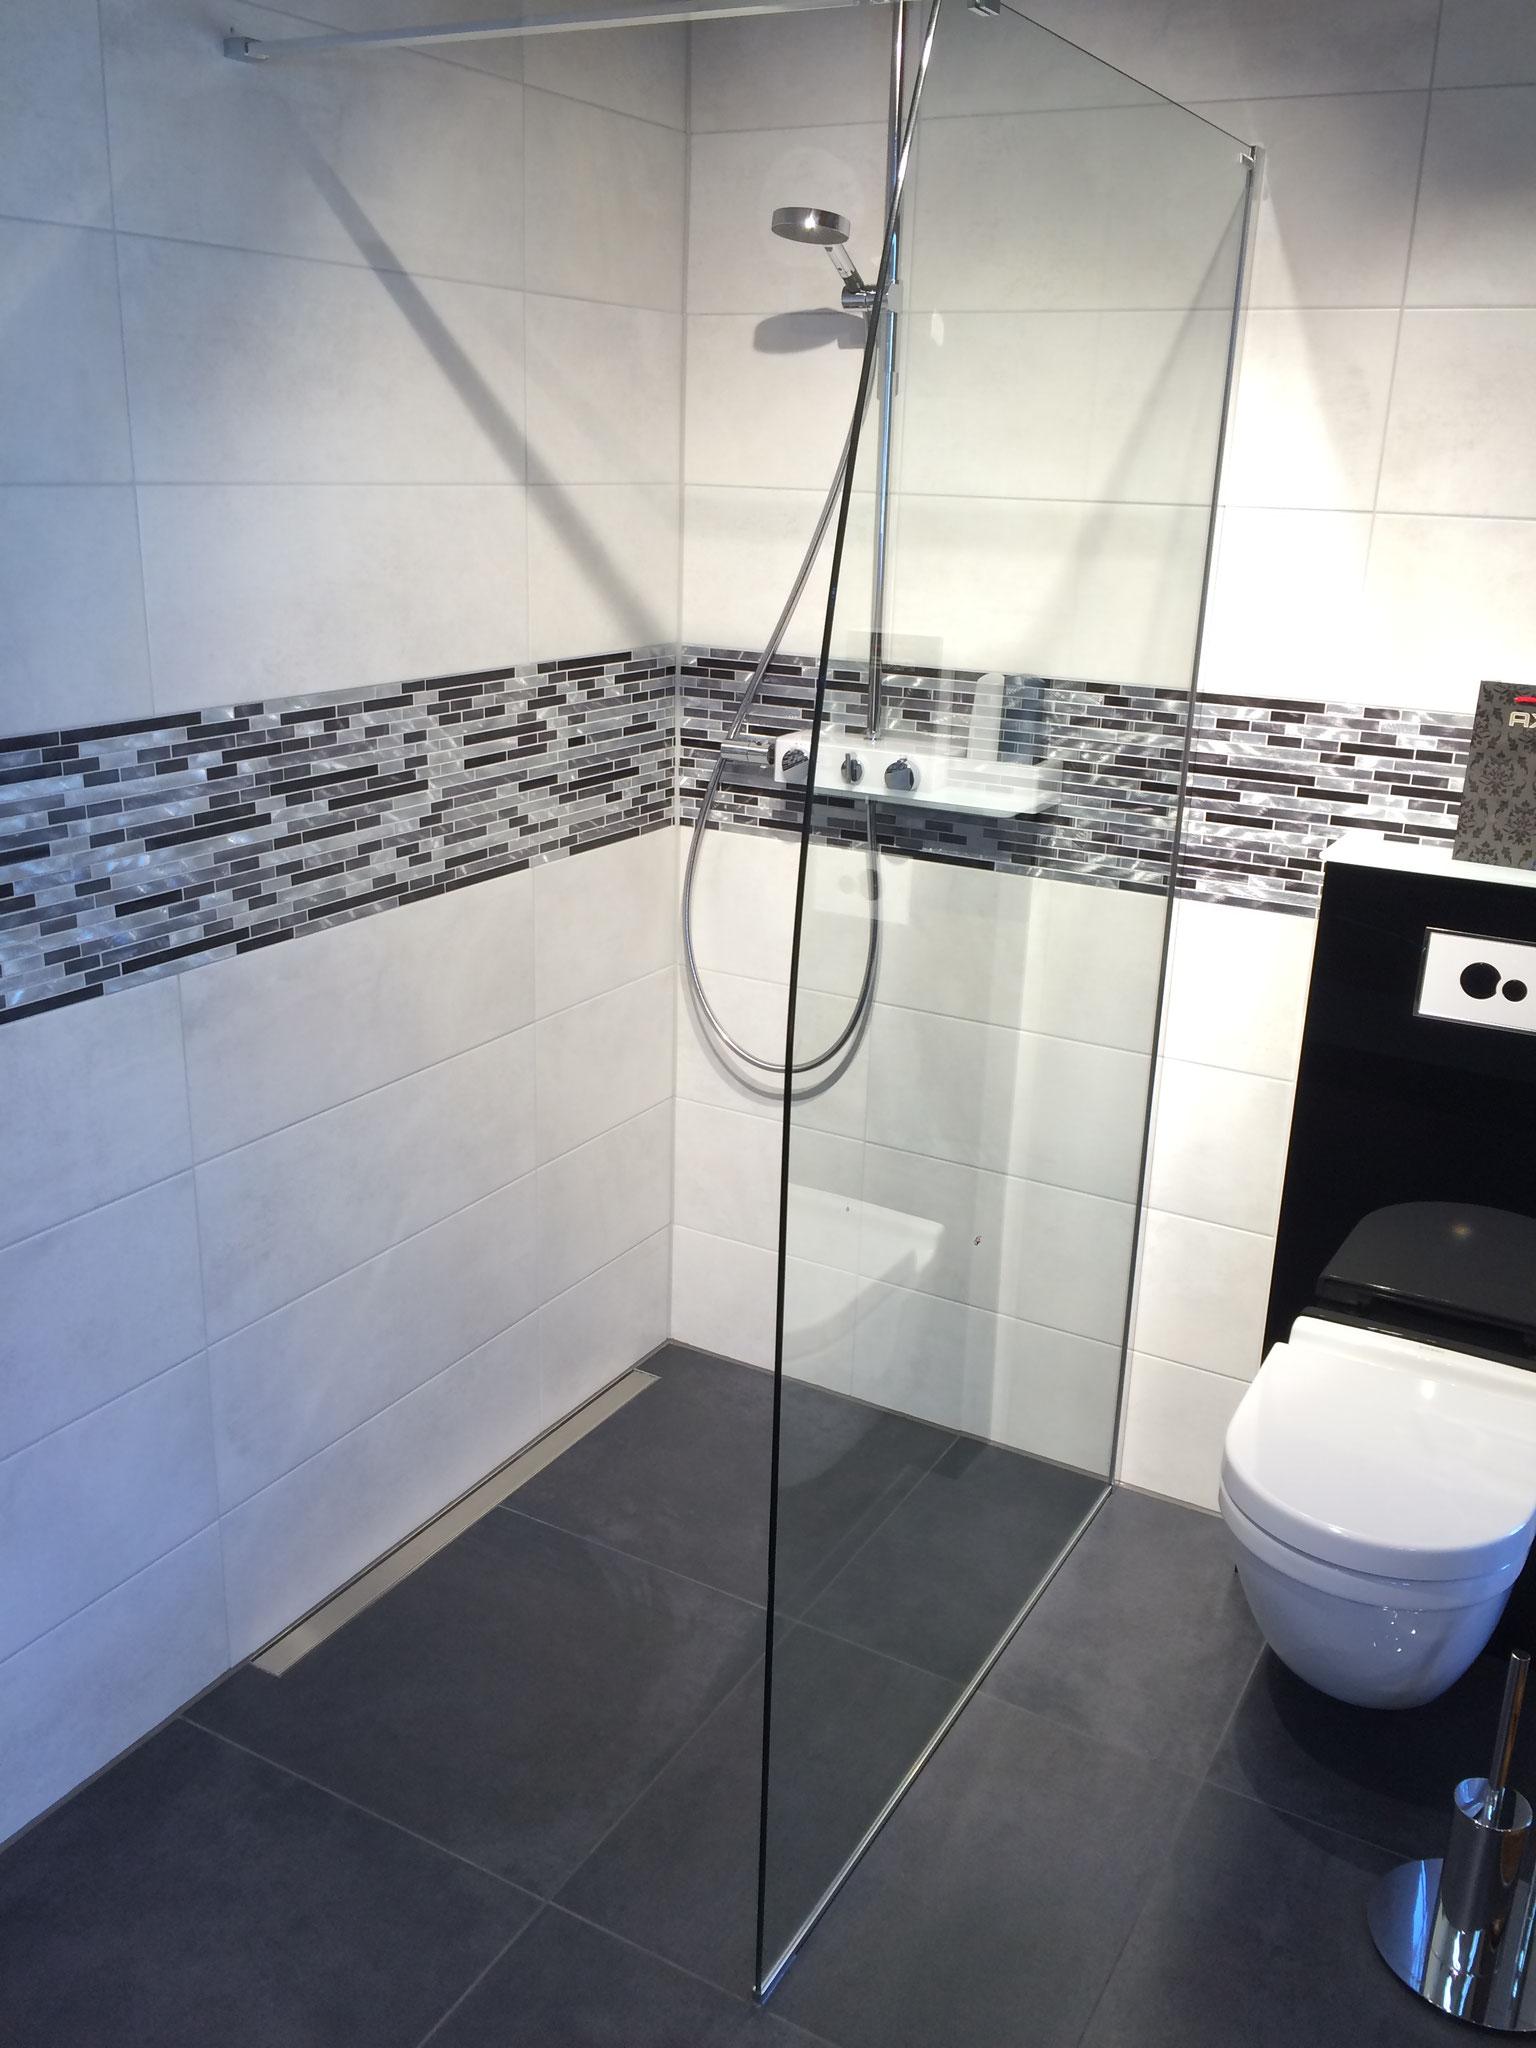 Bodengleiche Dusche Walk in Dusche